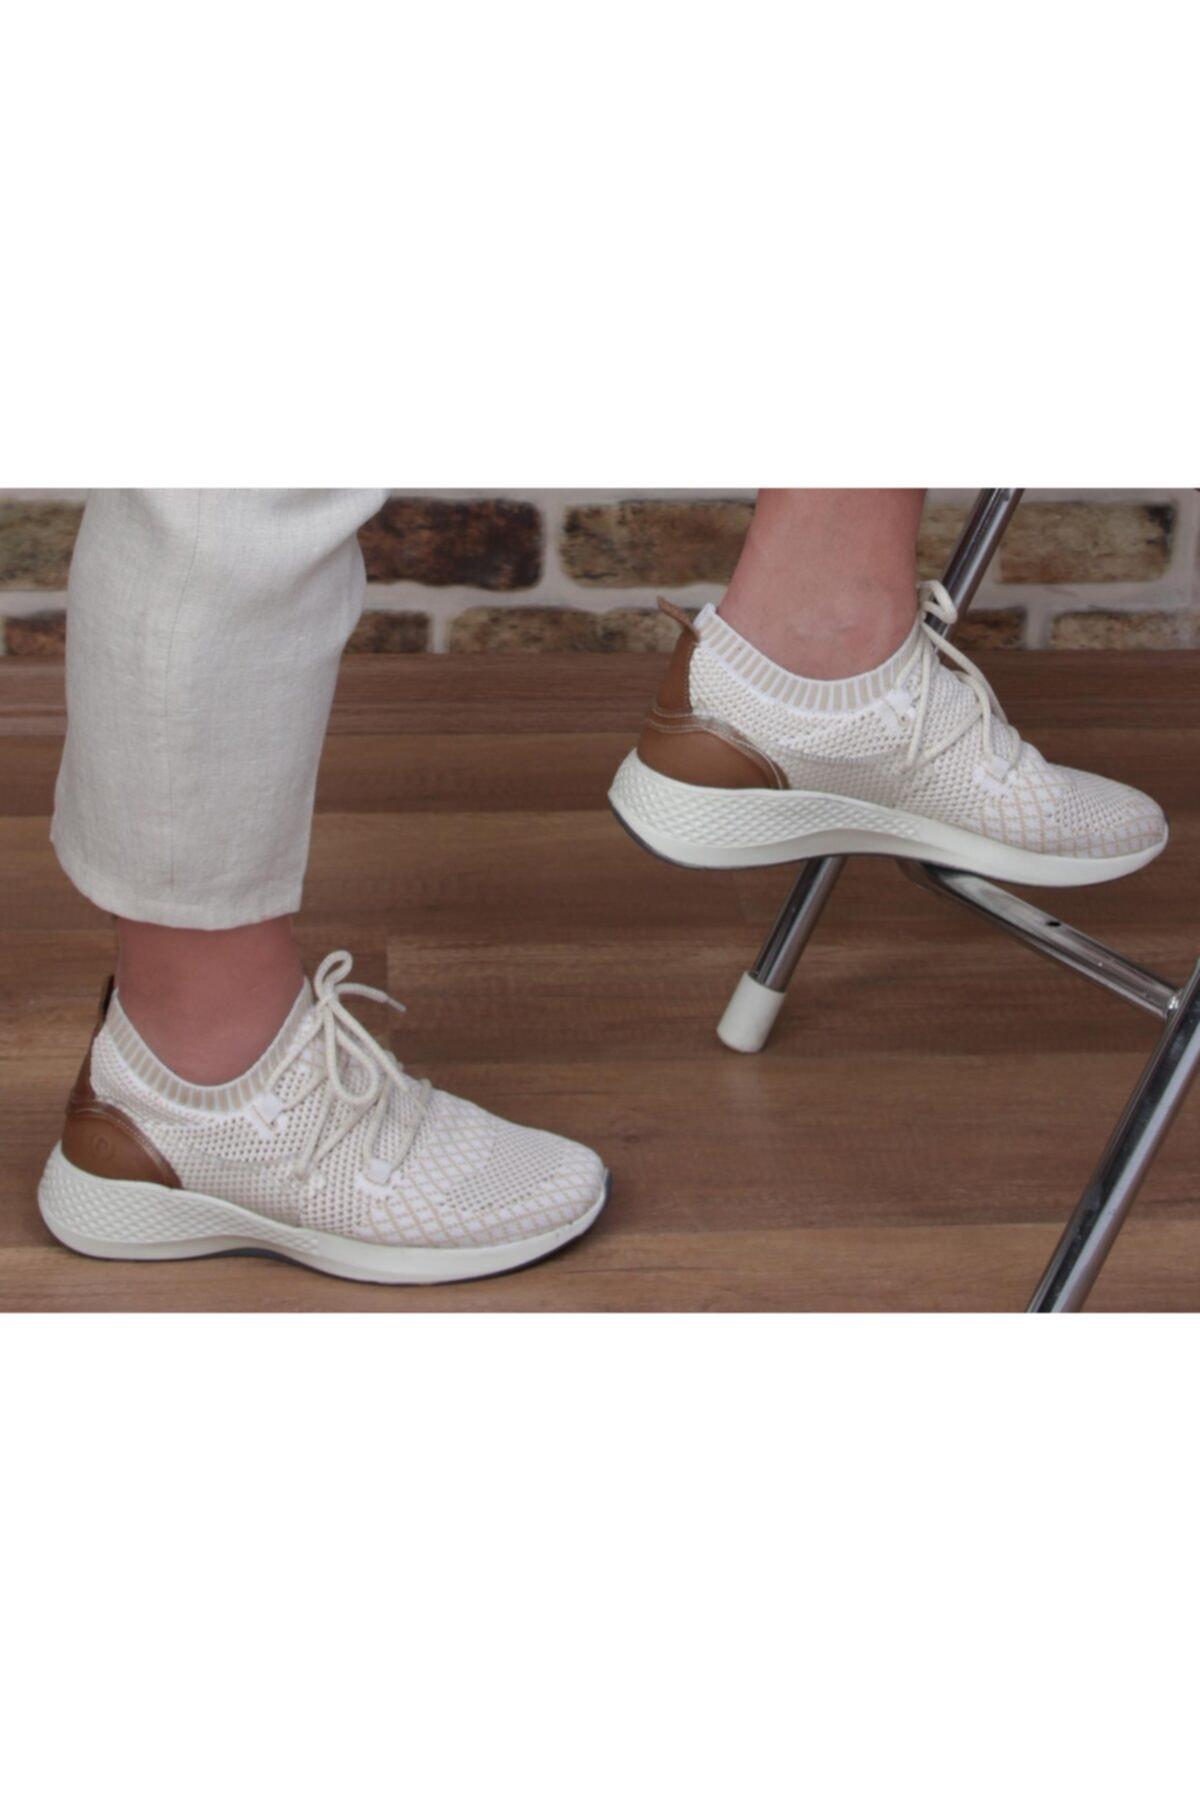 Pierre Cardin Çorap Model Casual Spor Ayakkabı (Pc-30175) 1